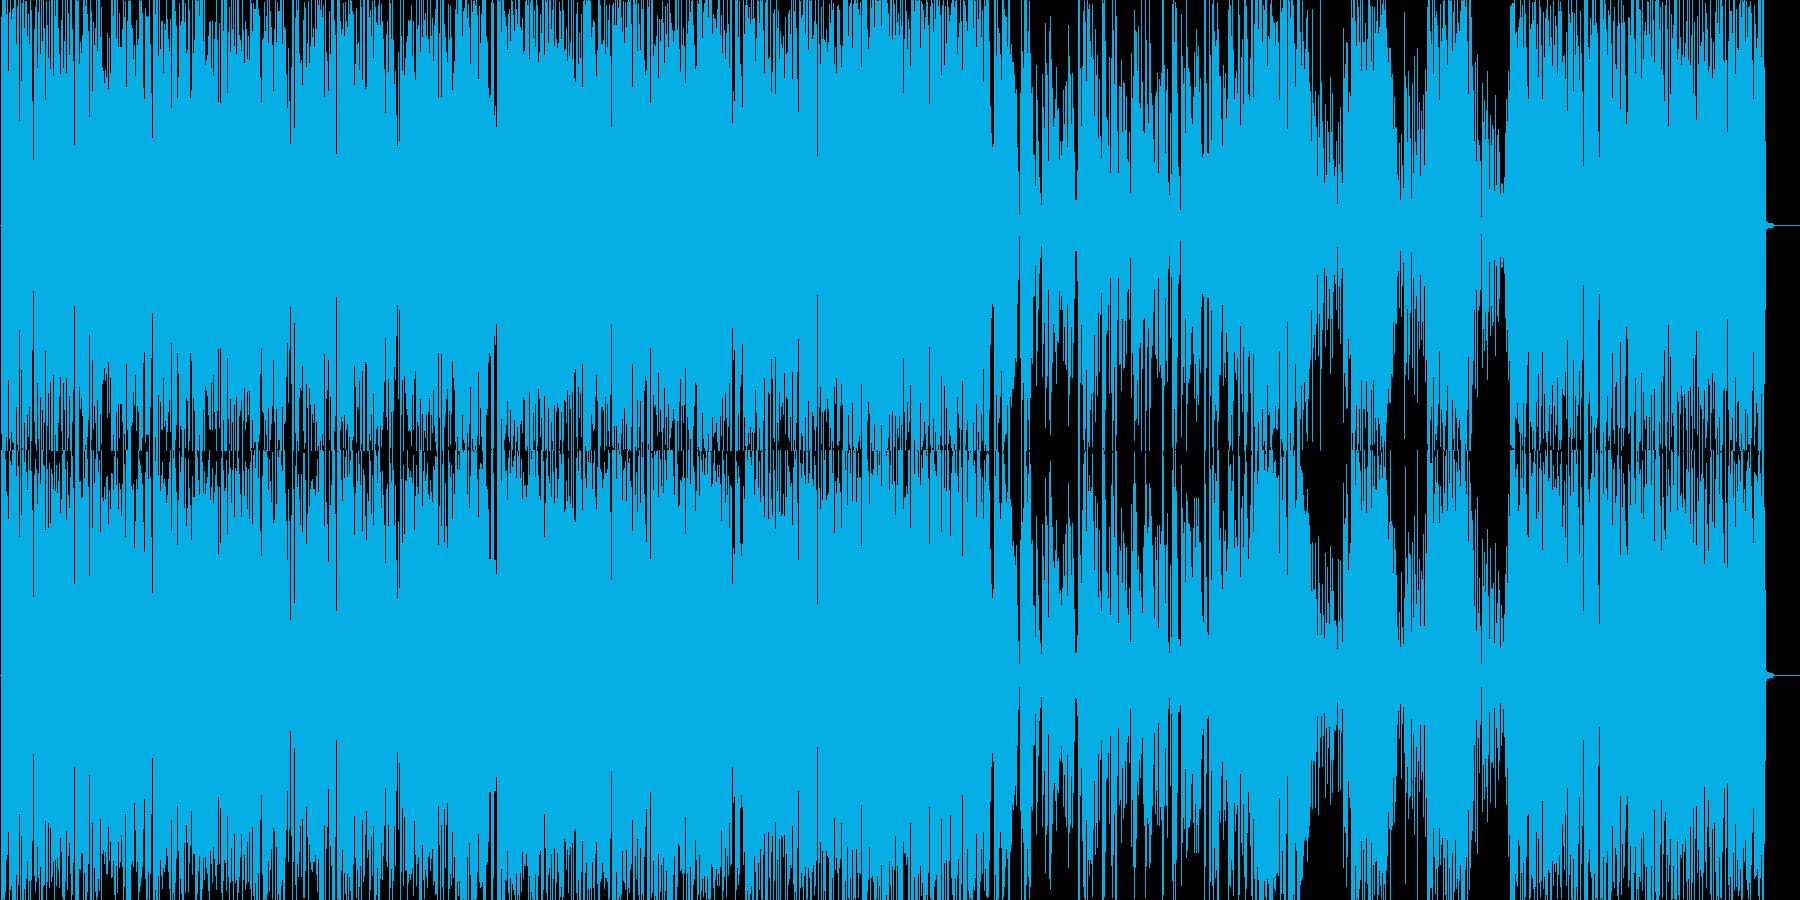 軽快なブルースピアノトリオの再生済みの波形